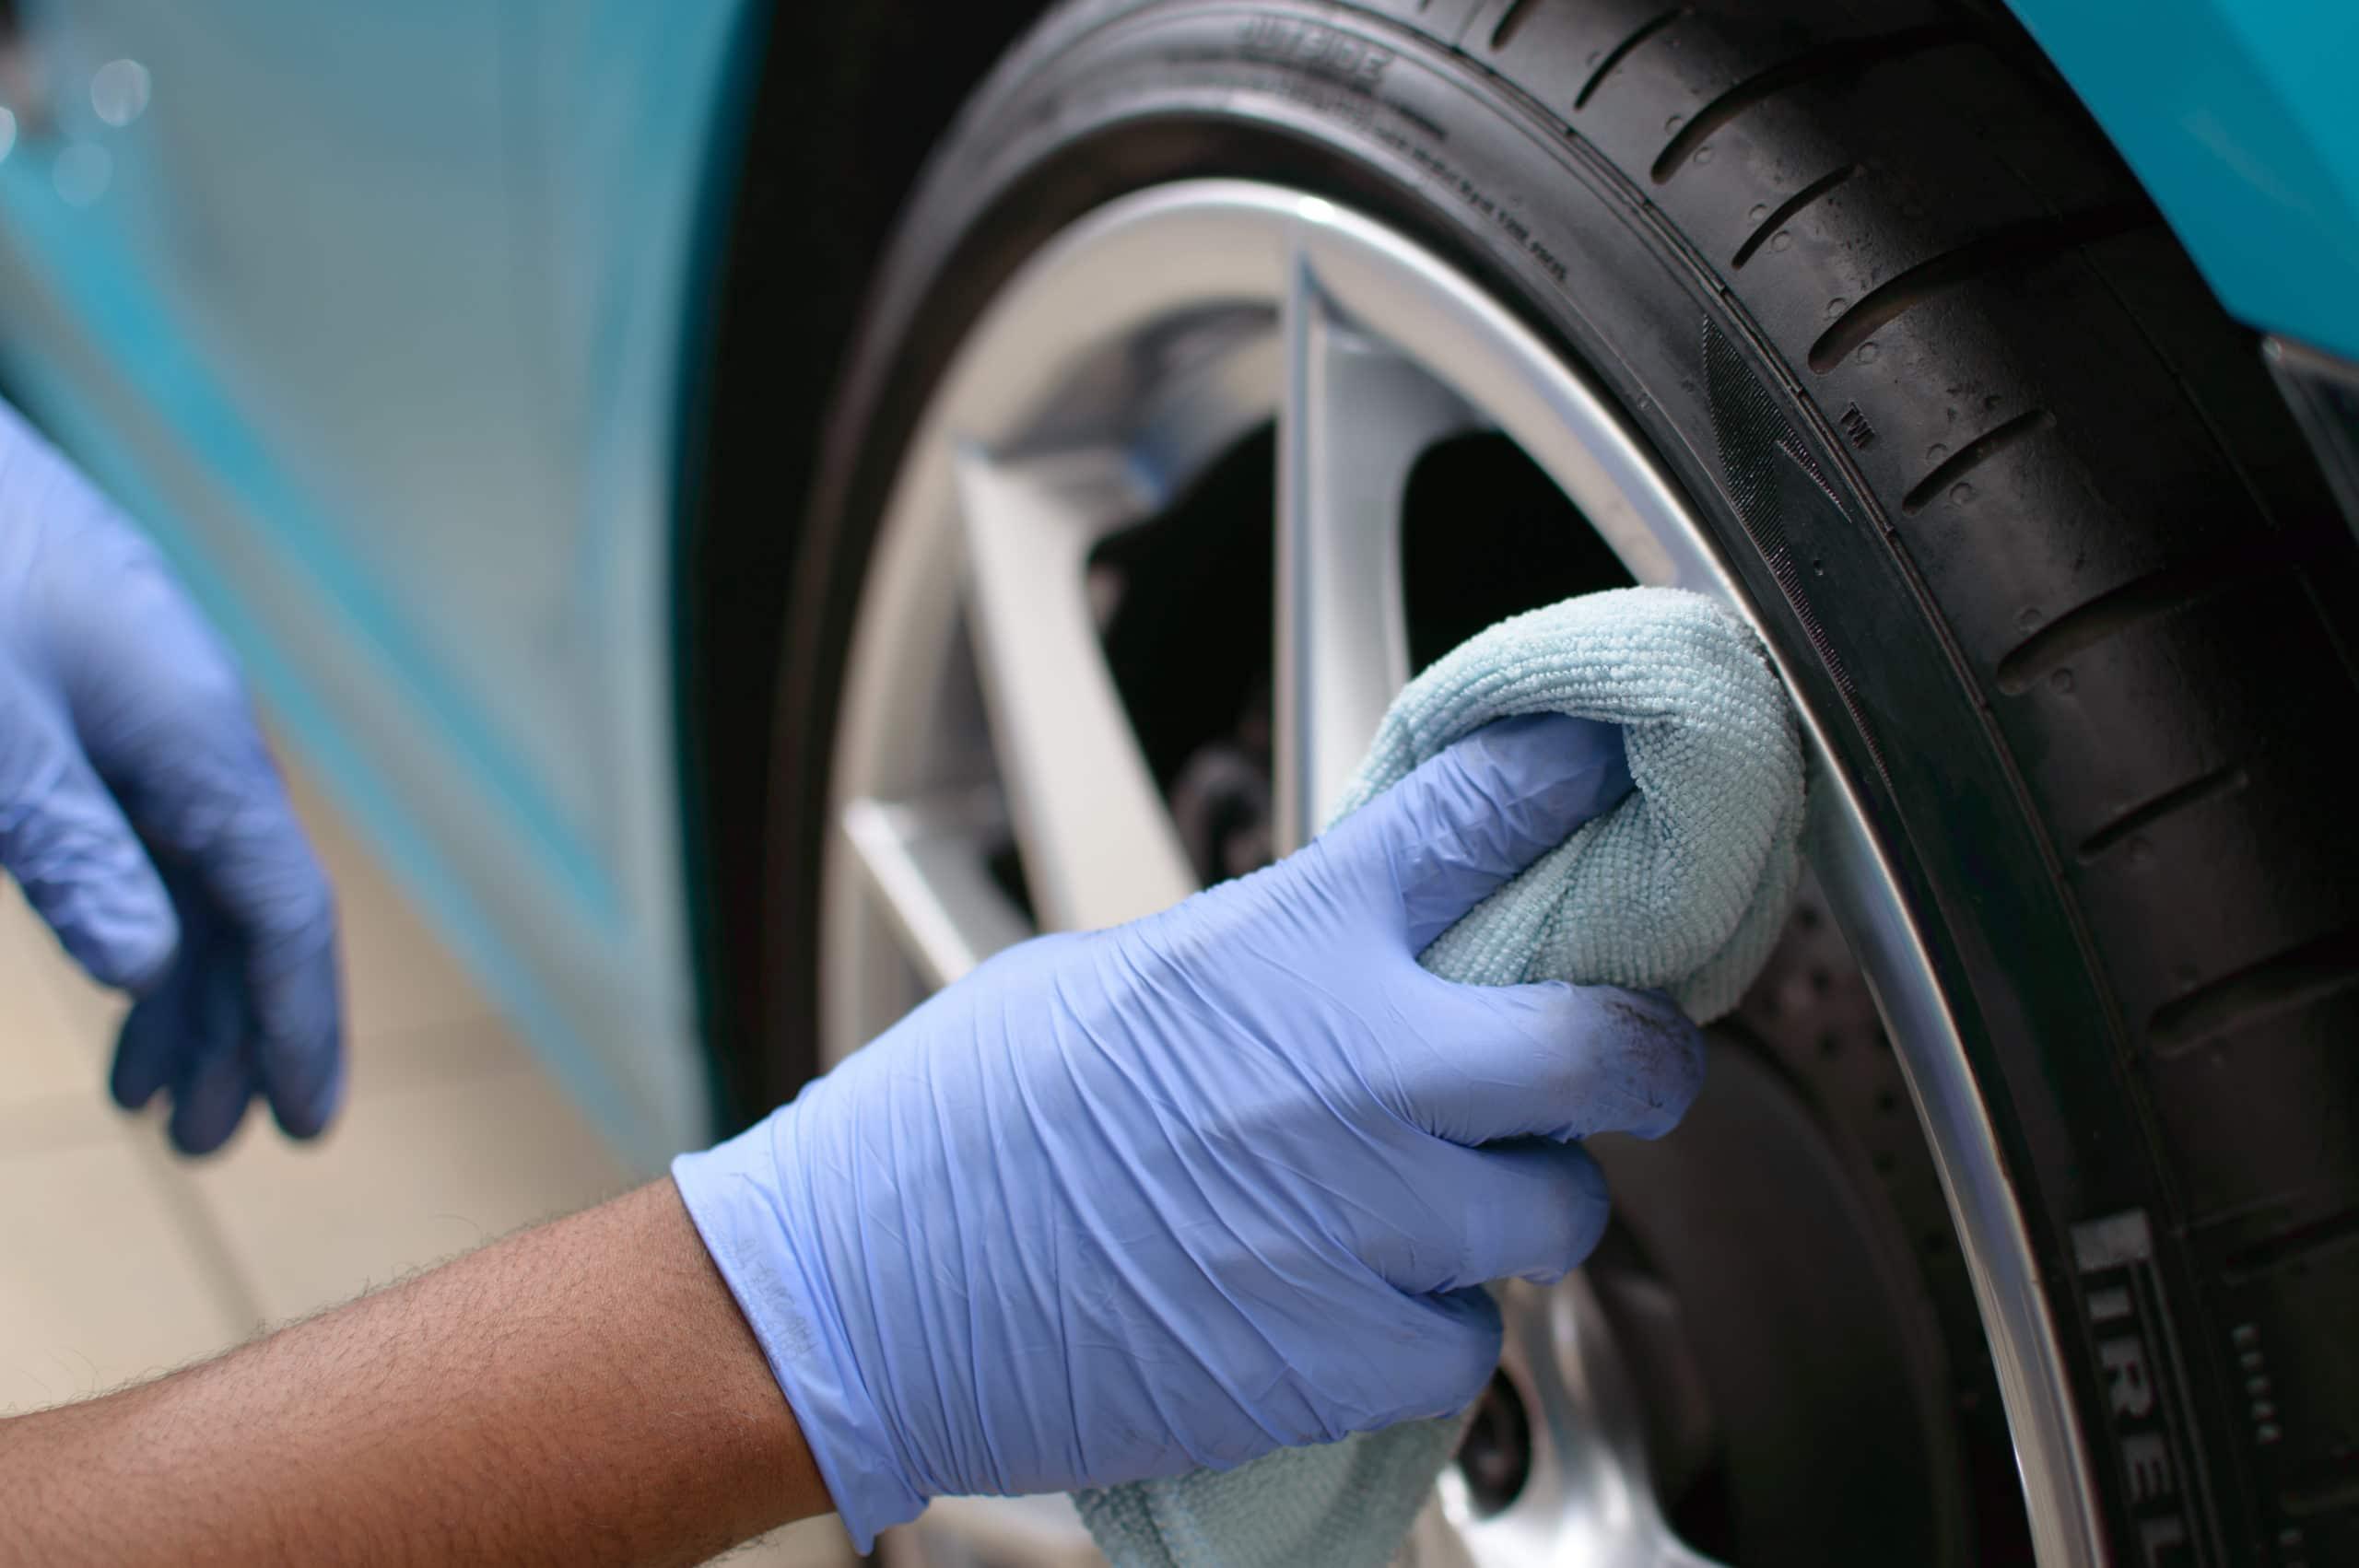 homem limpando roda do carro imagem ilustrativa estética automotiva